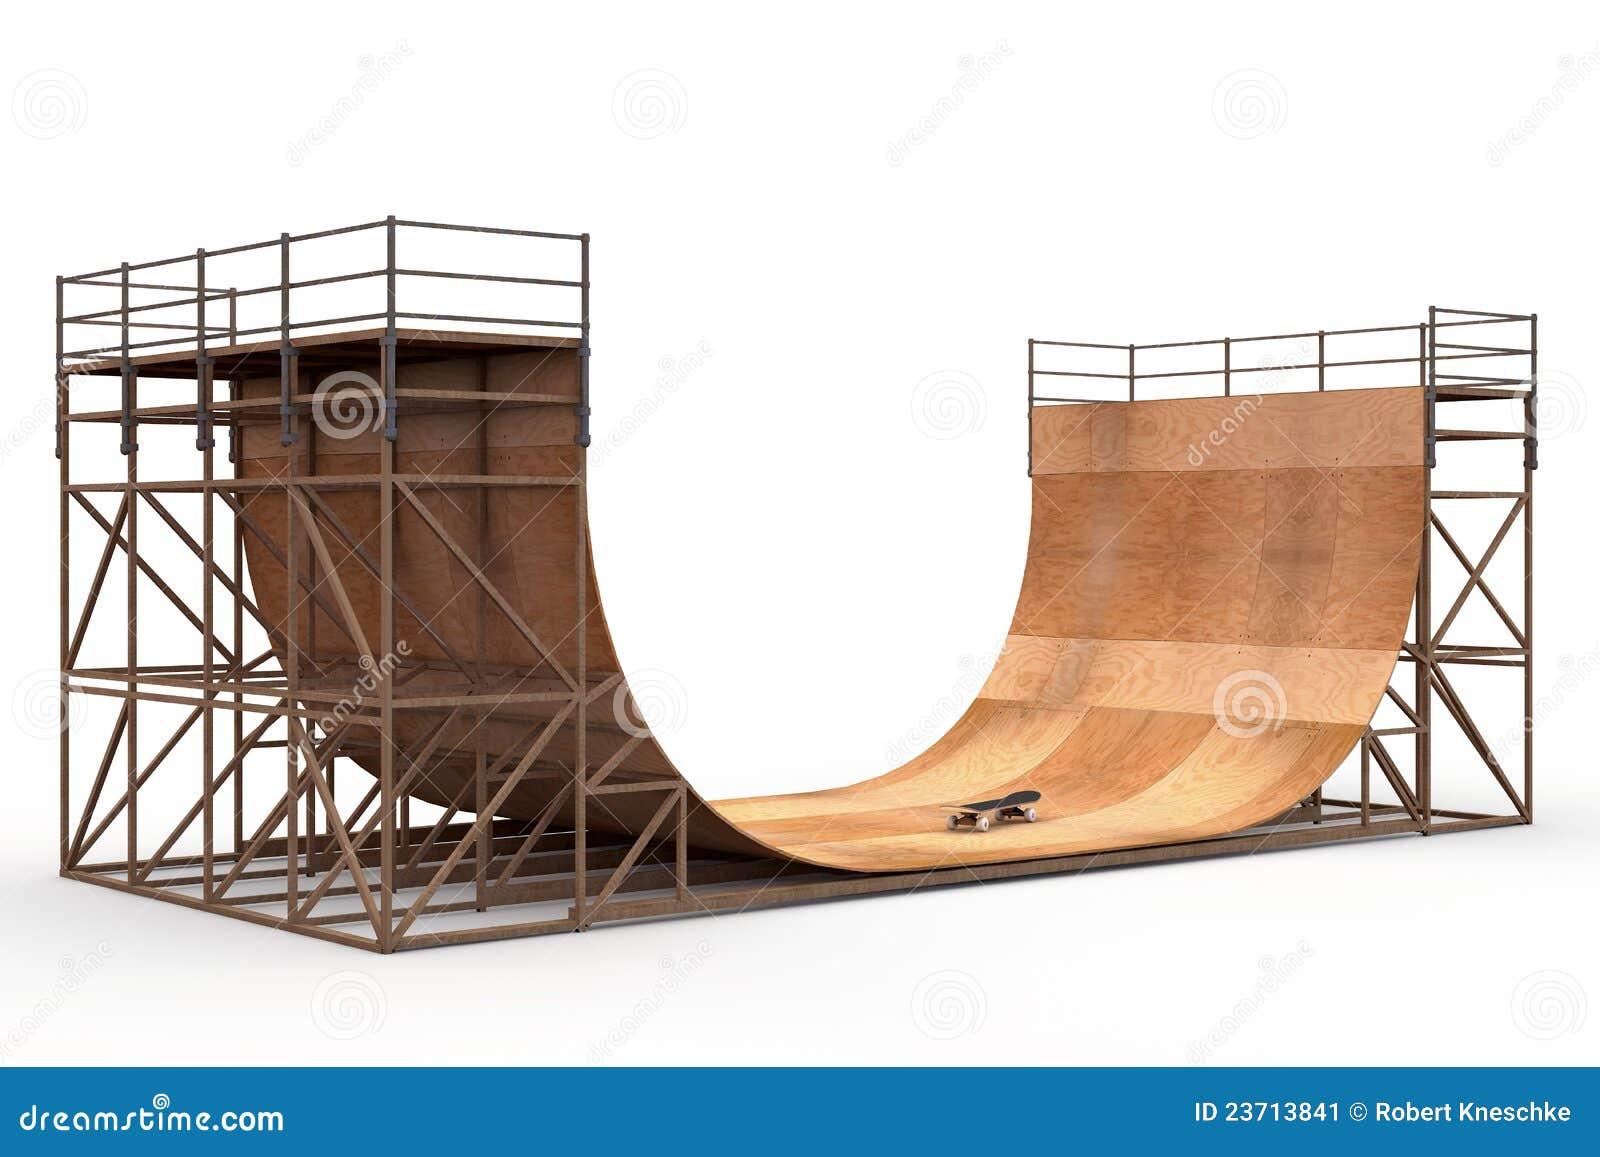 halfpipe with skateboard stock illustration image of skate 23713841. Black Bedroom Furniture Sets. Home Design Ideas